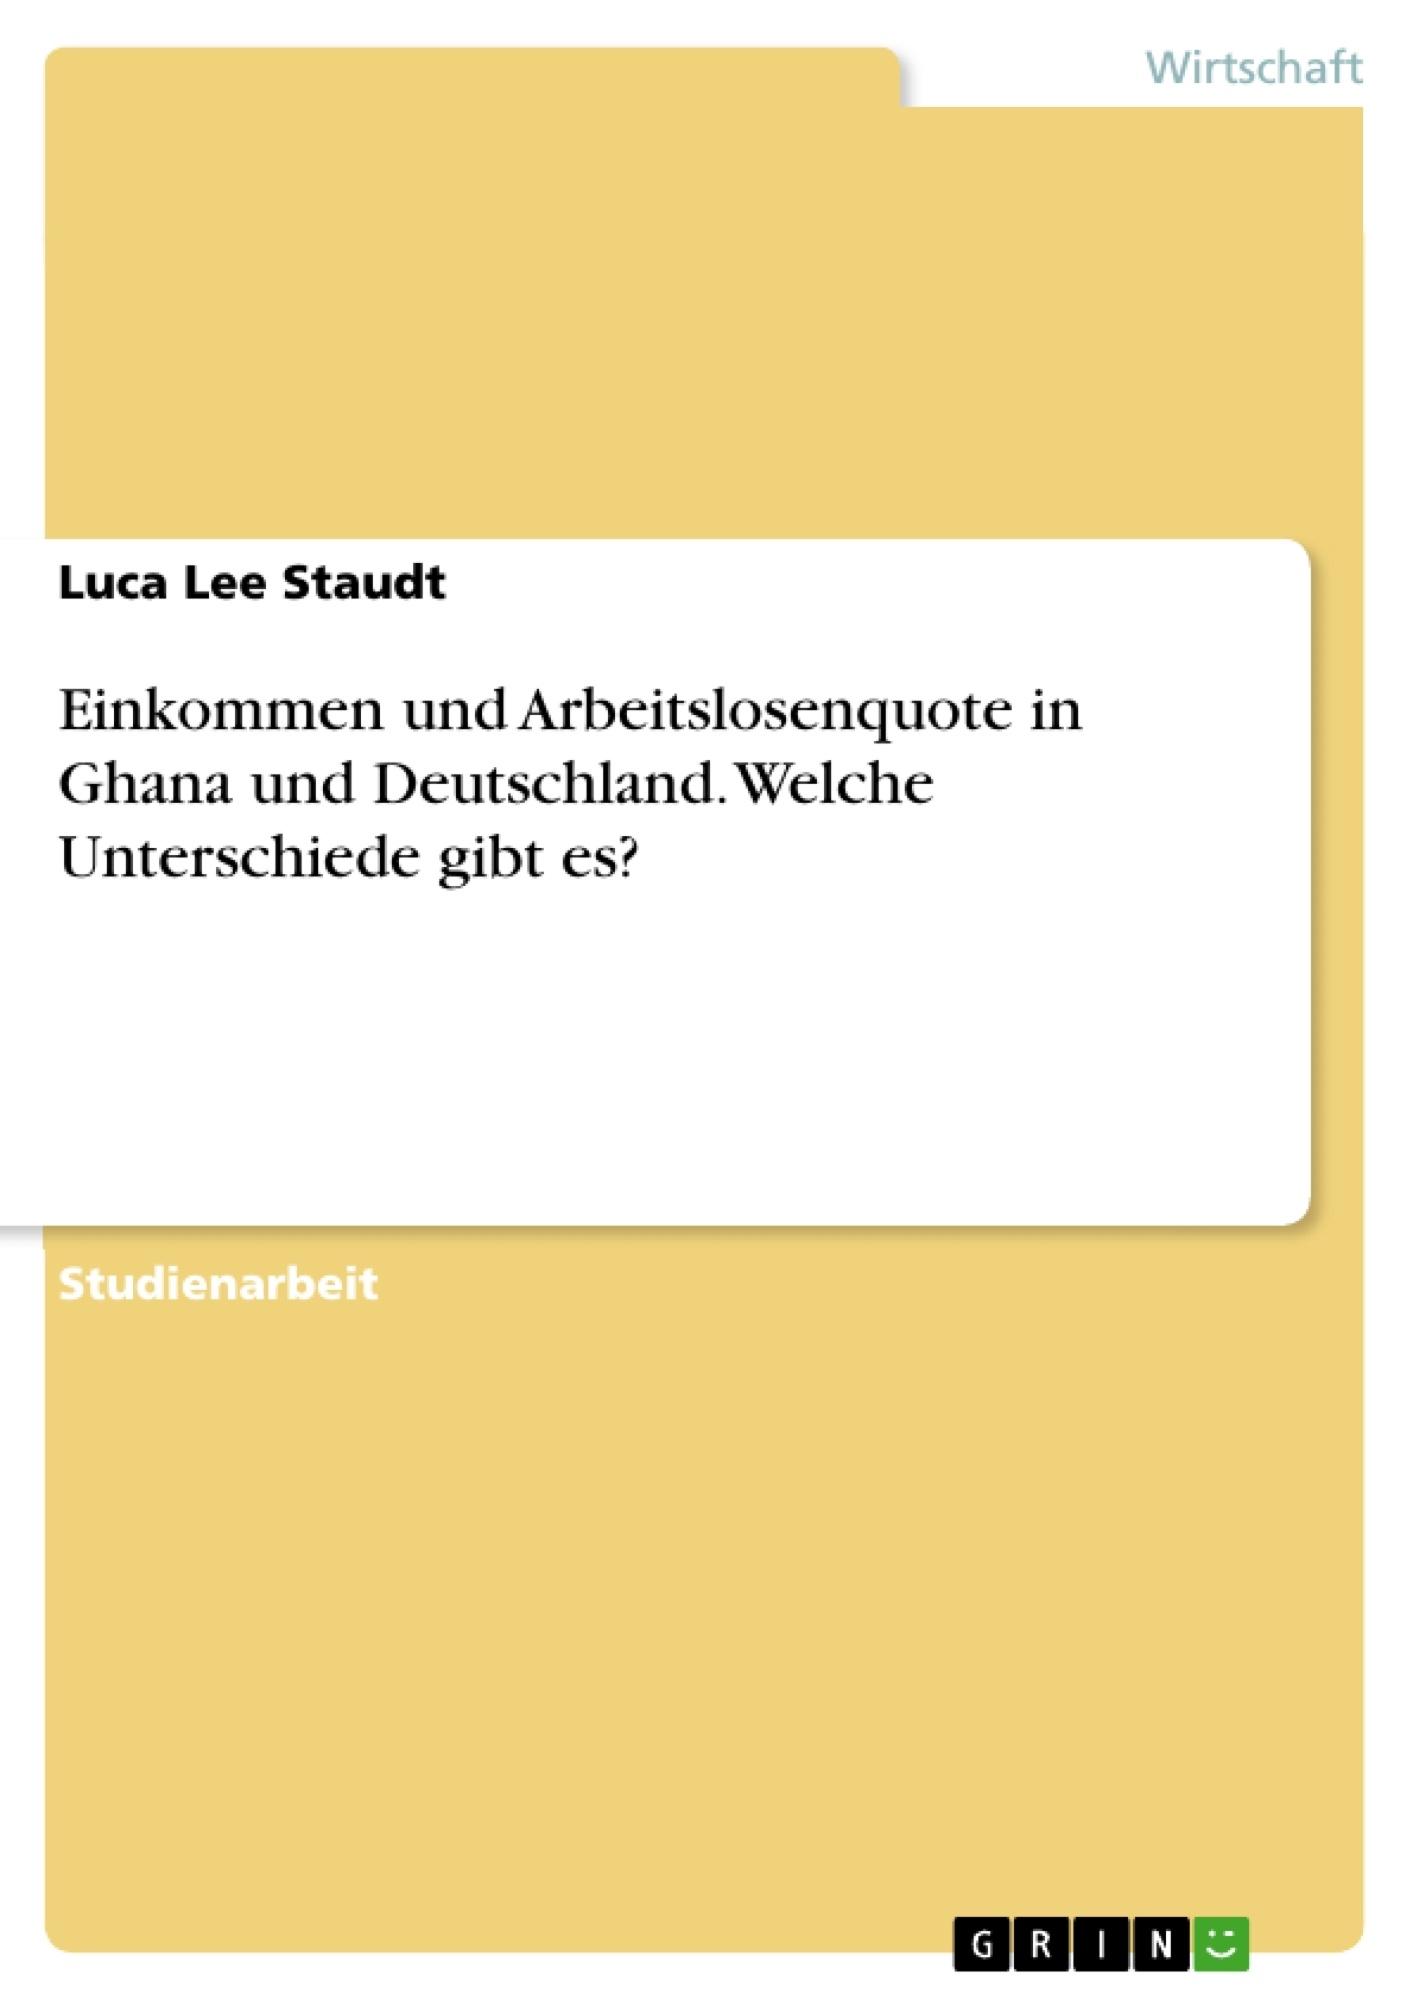 Titel: Einkommen und Arbeitslosenquote in Ghana und Deutschland. Welche Unterschiede gibt es?